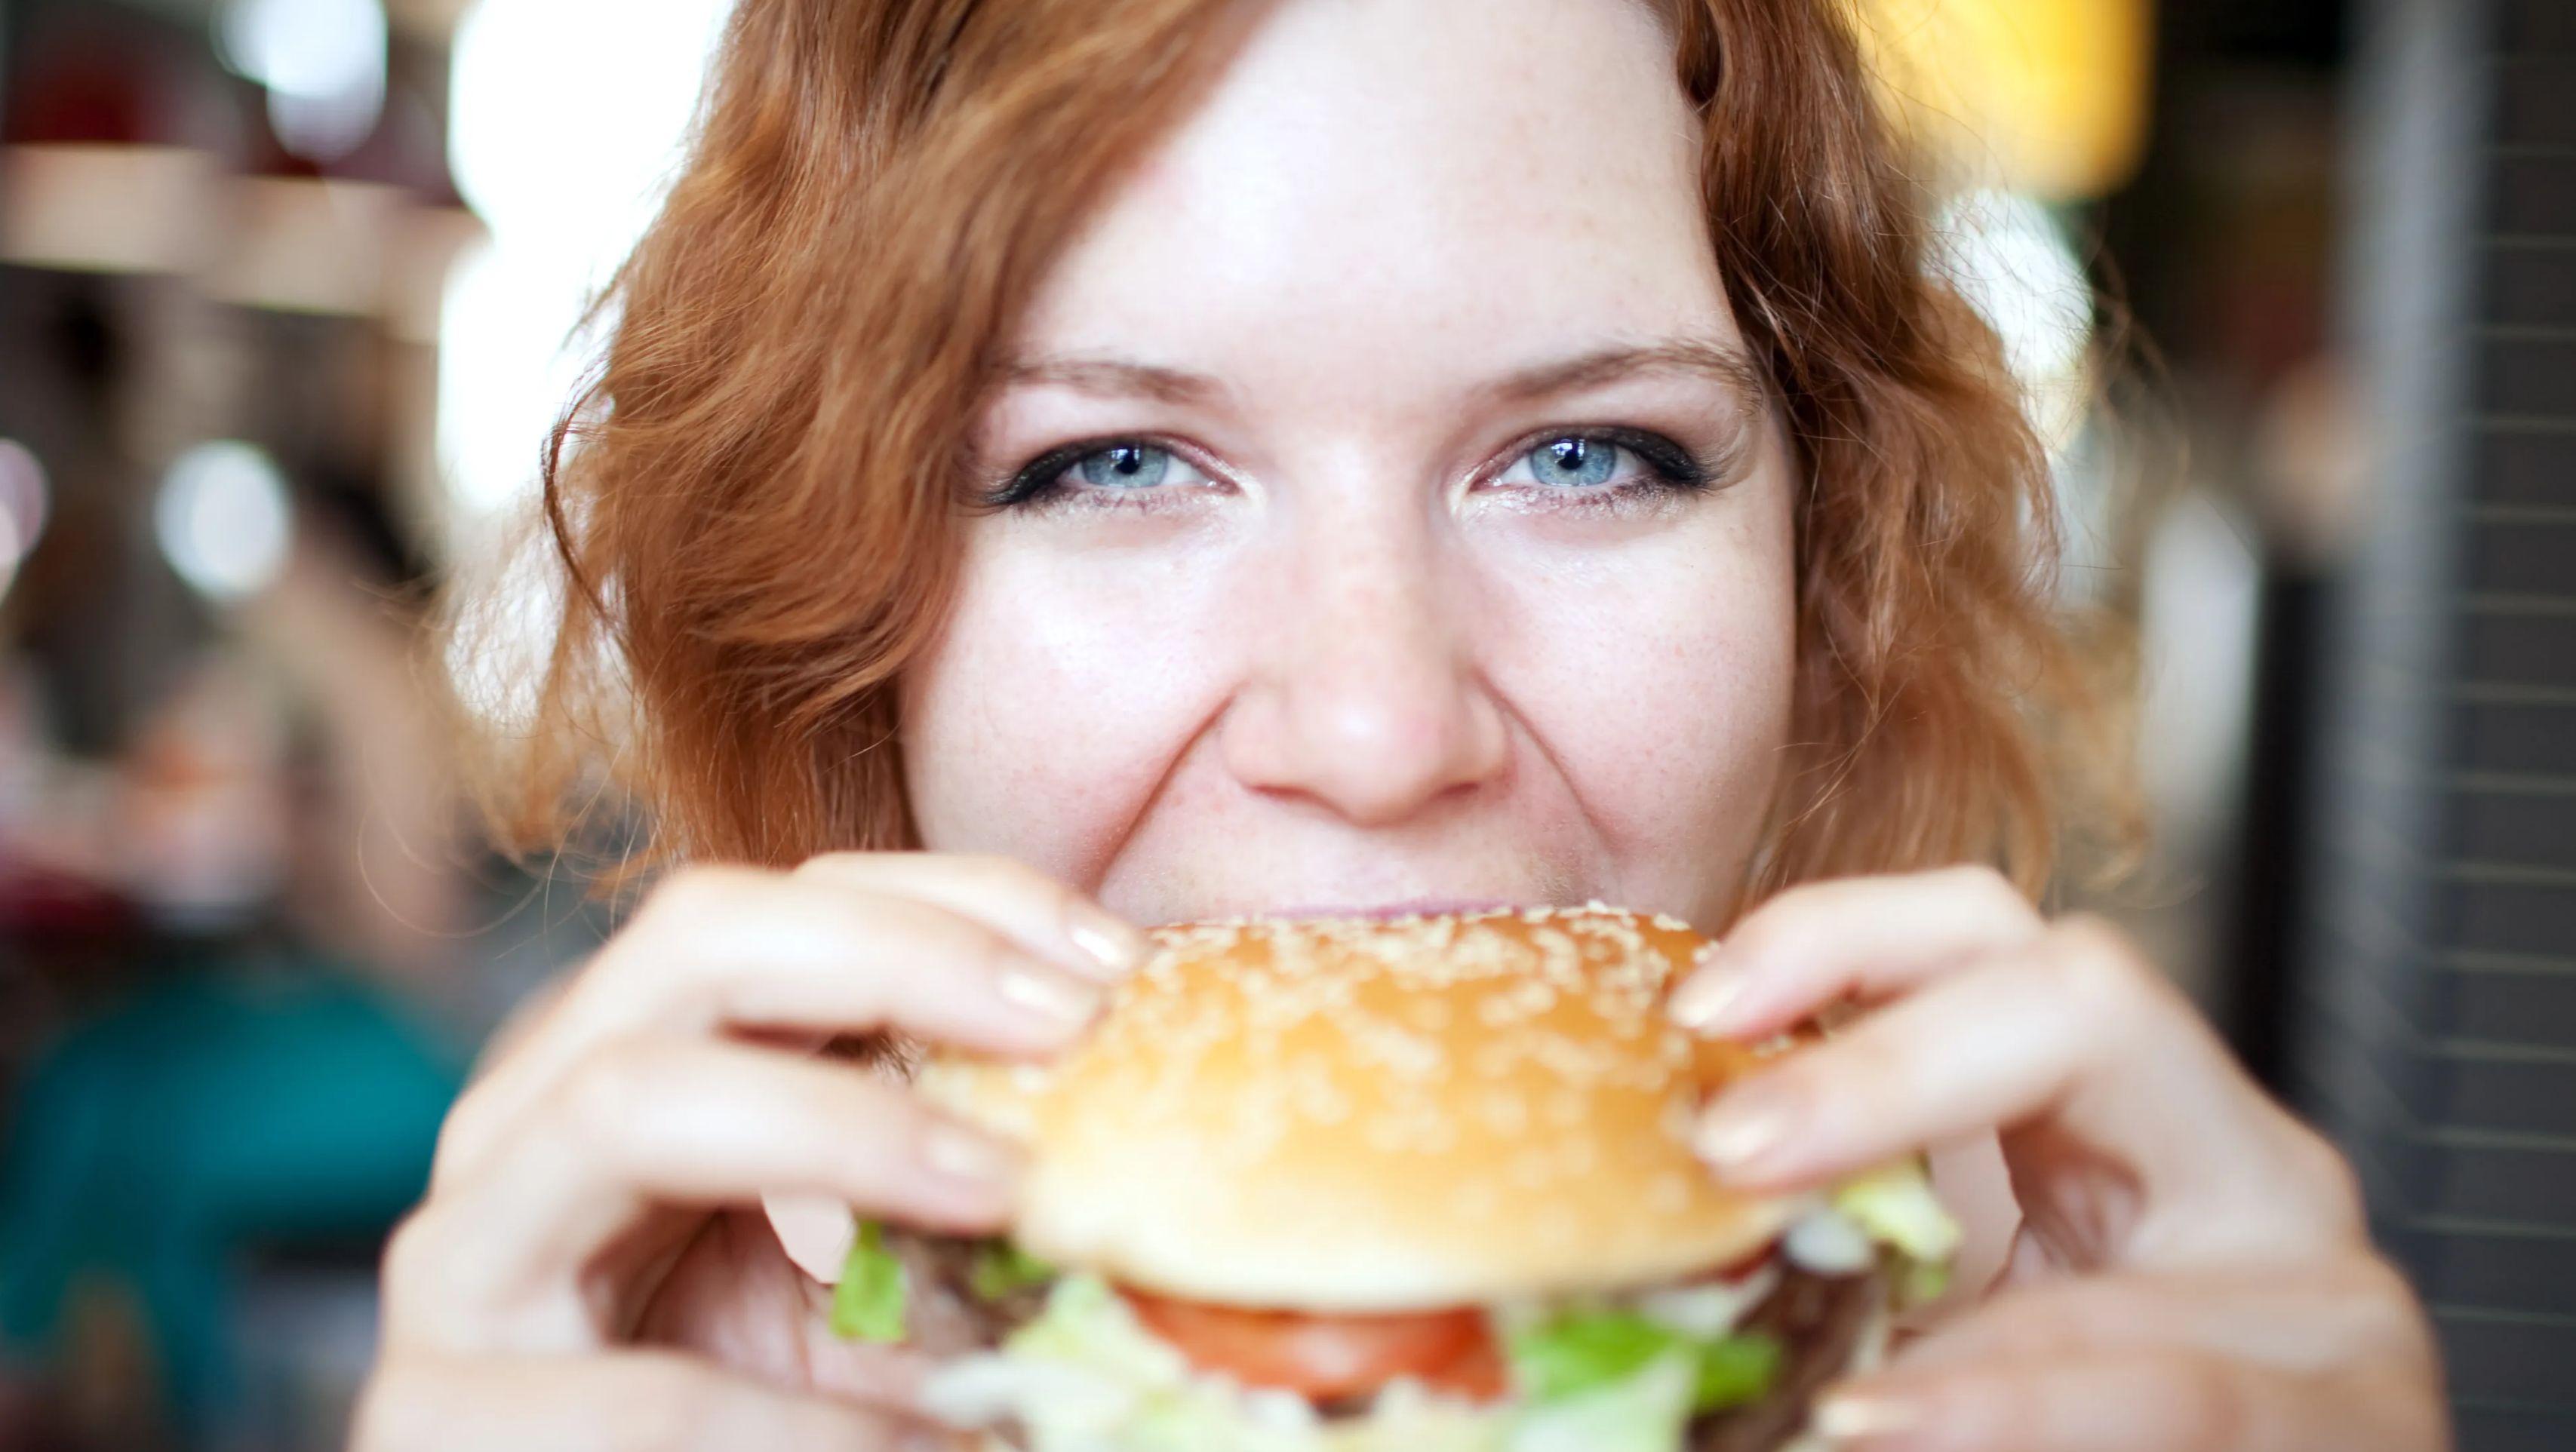 A woman eating a hamburger.